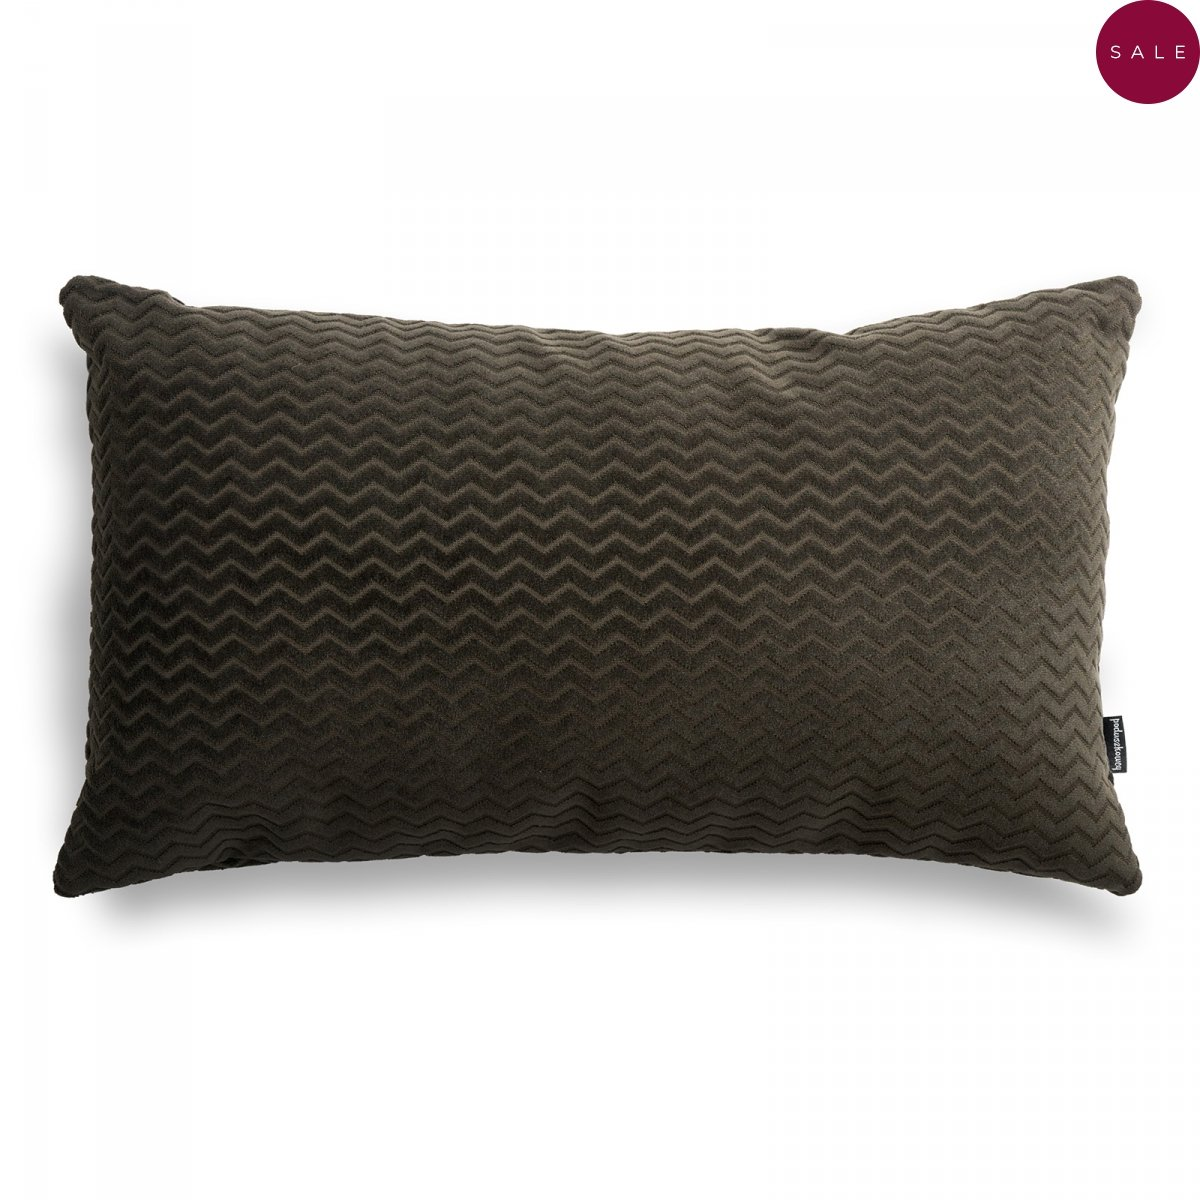 Chevron brązowa poduszka dekoracyjna 50x30